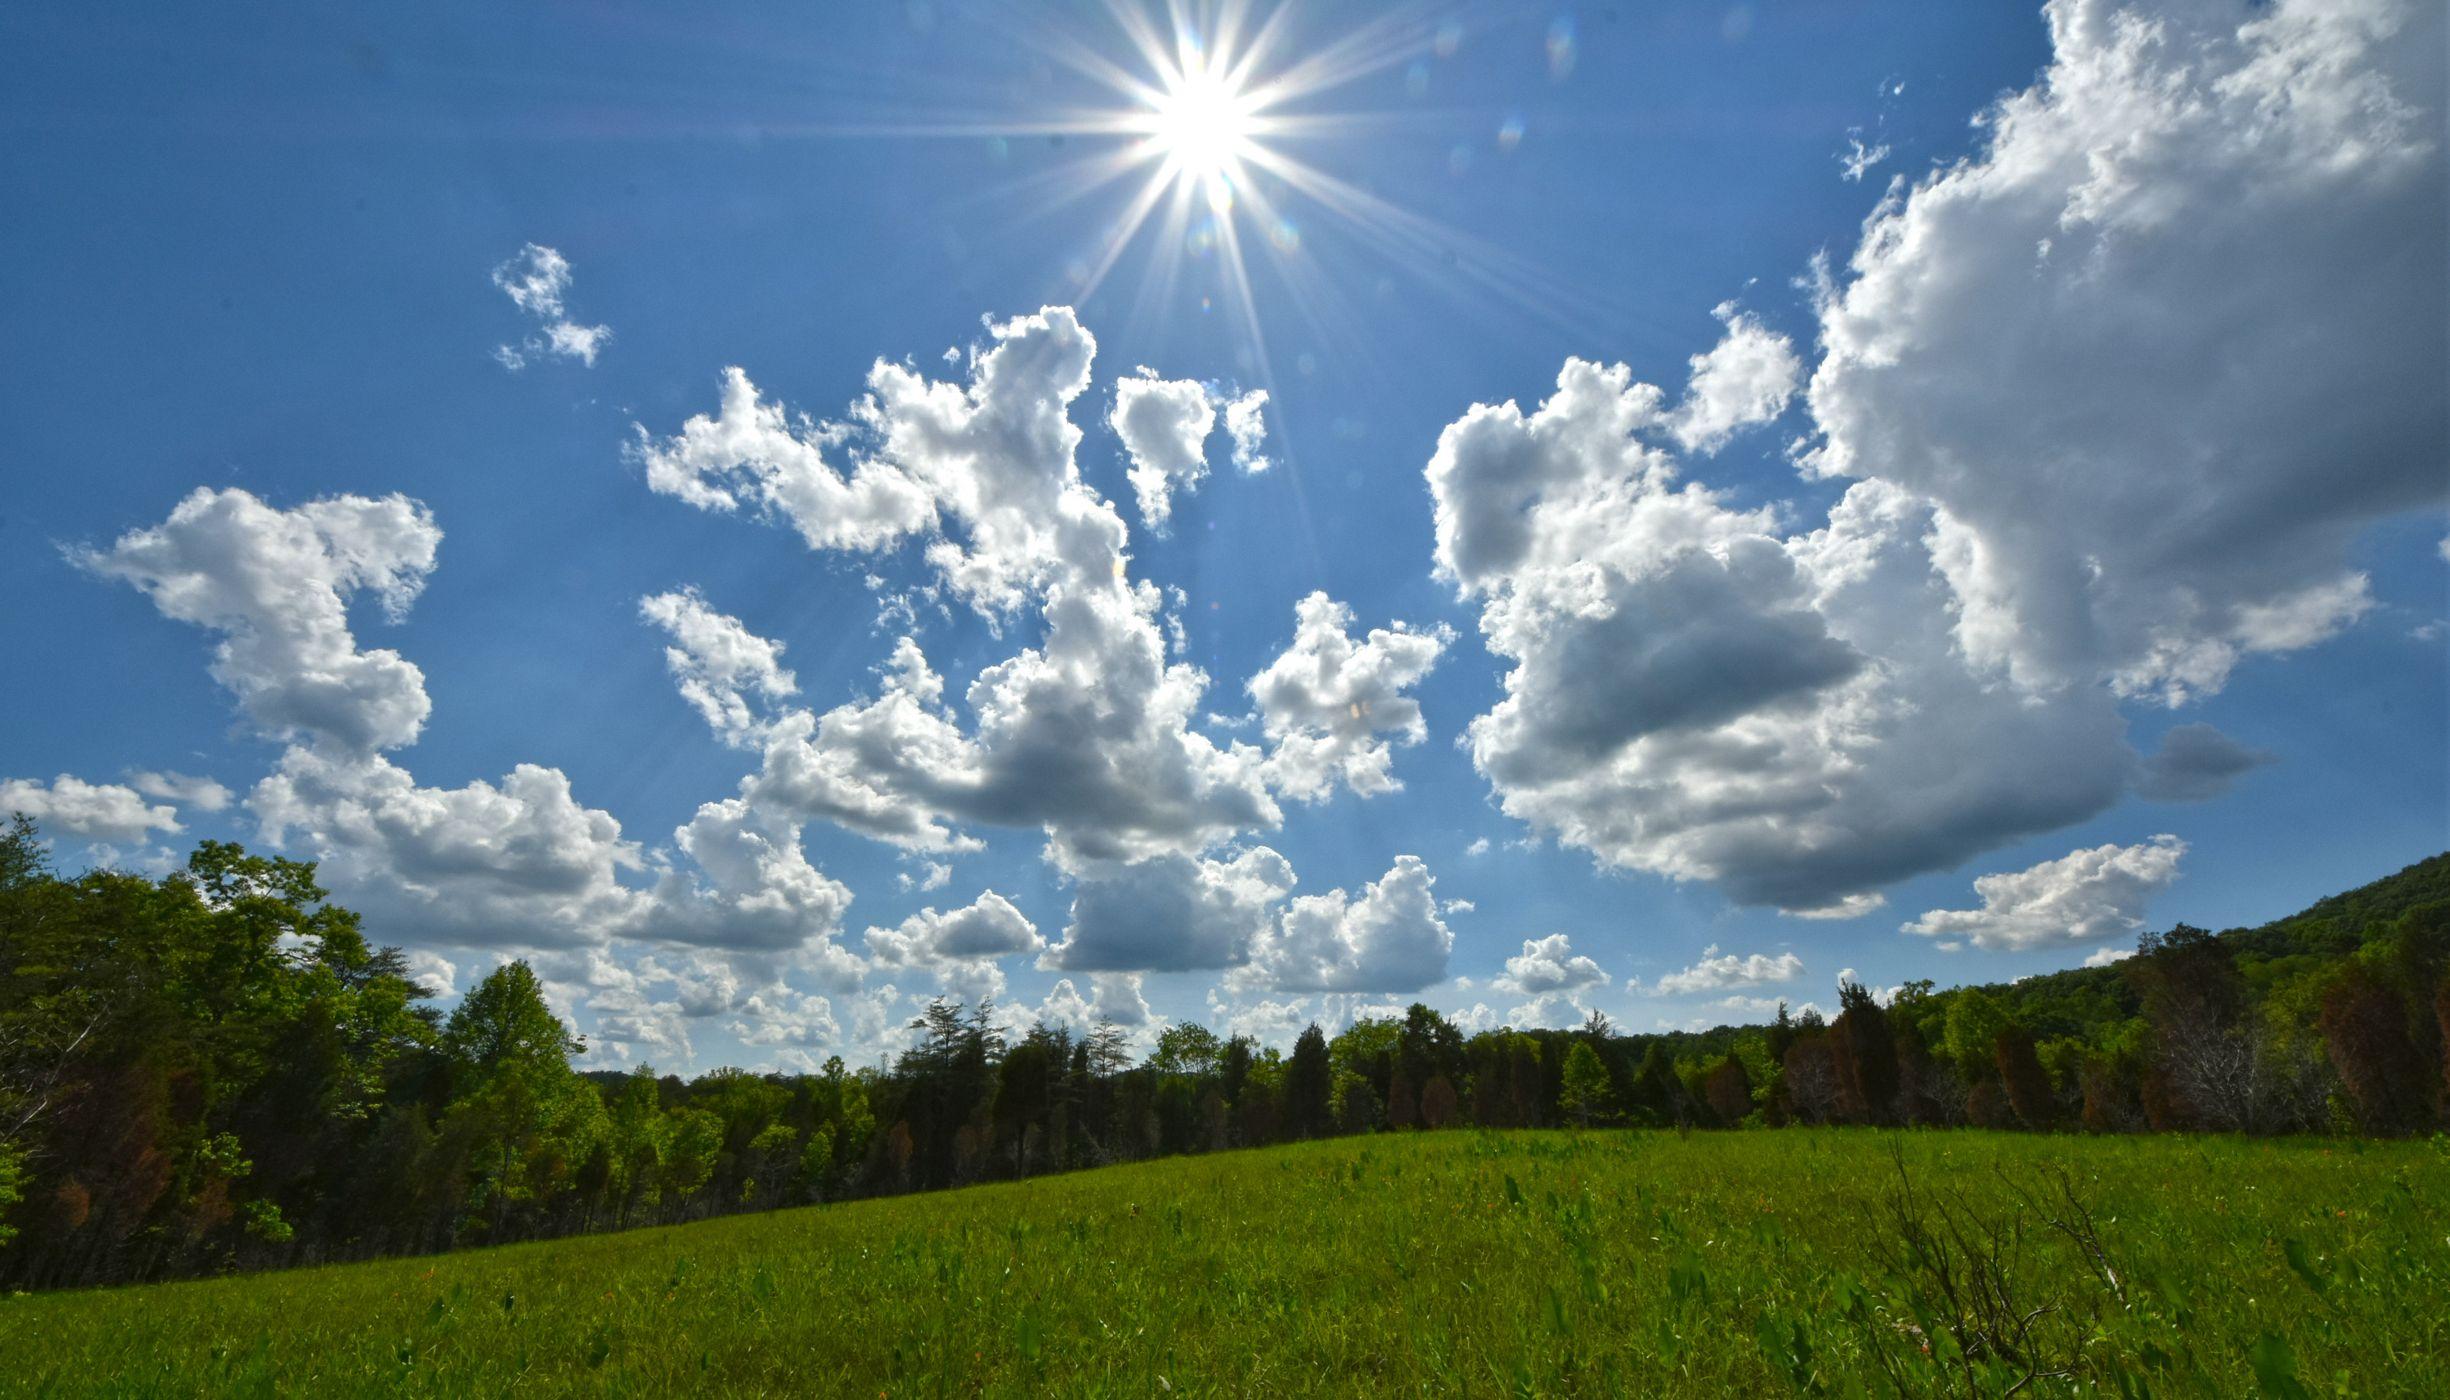 nubes sobre un cielo soleado